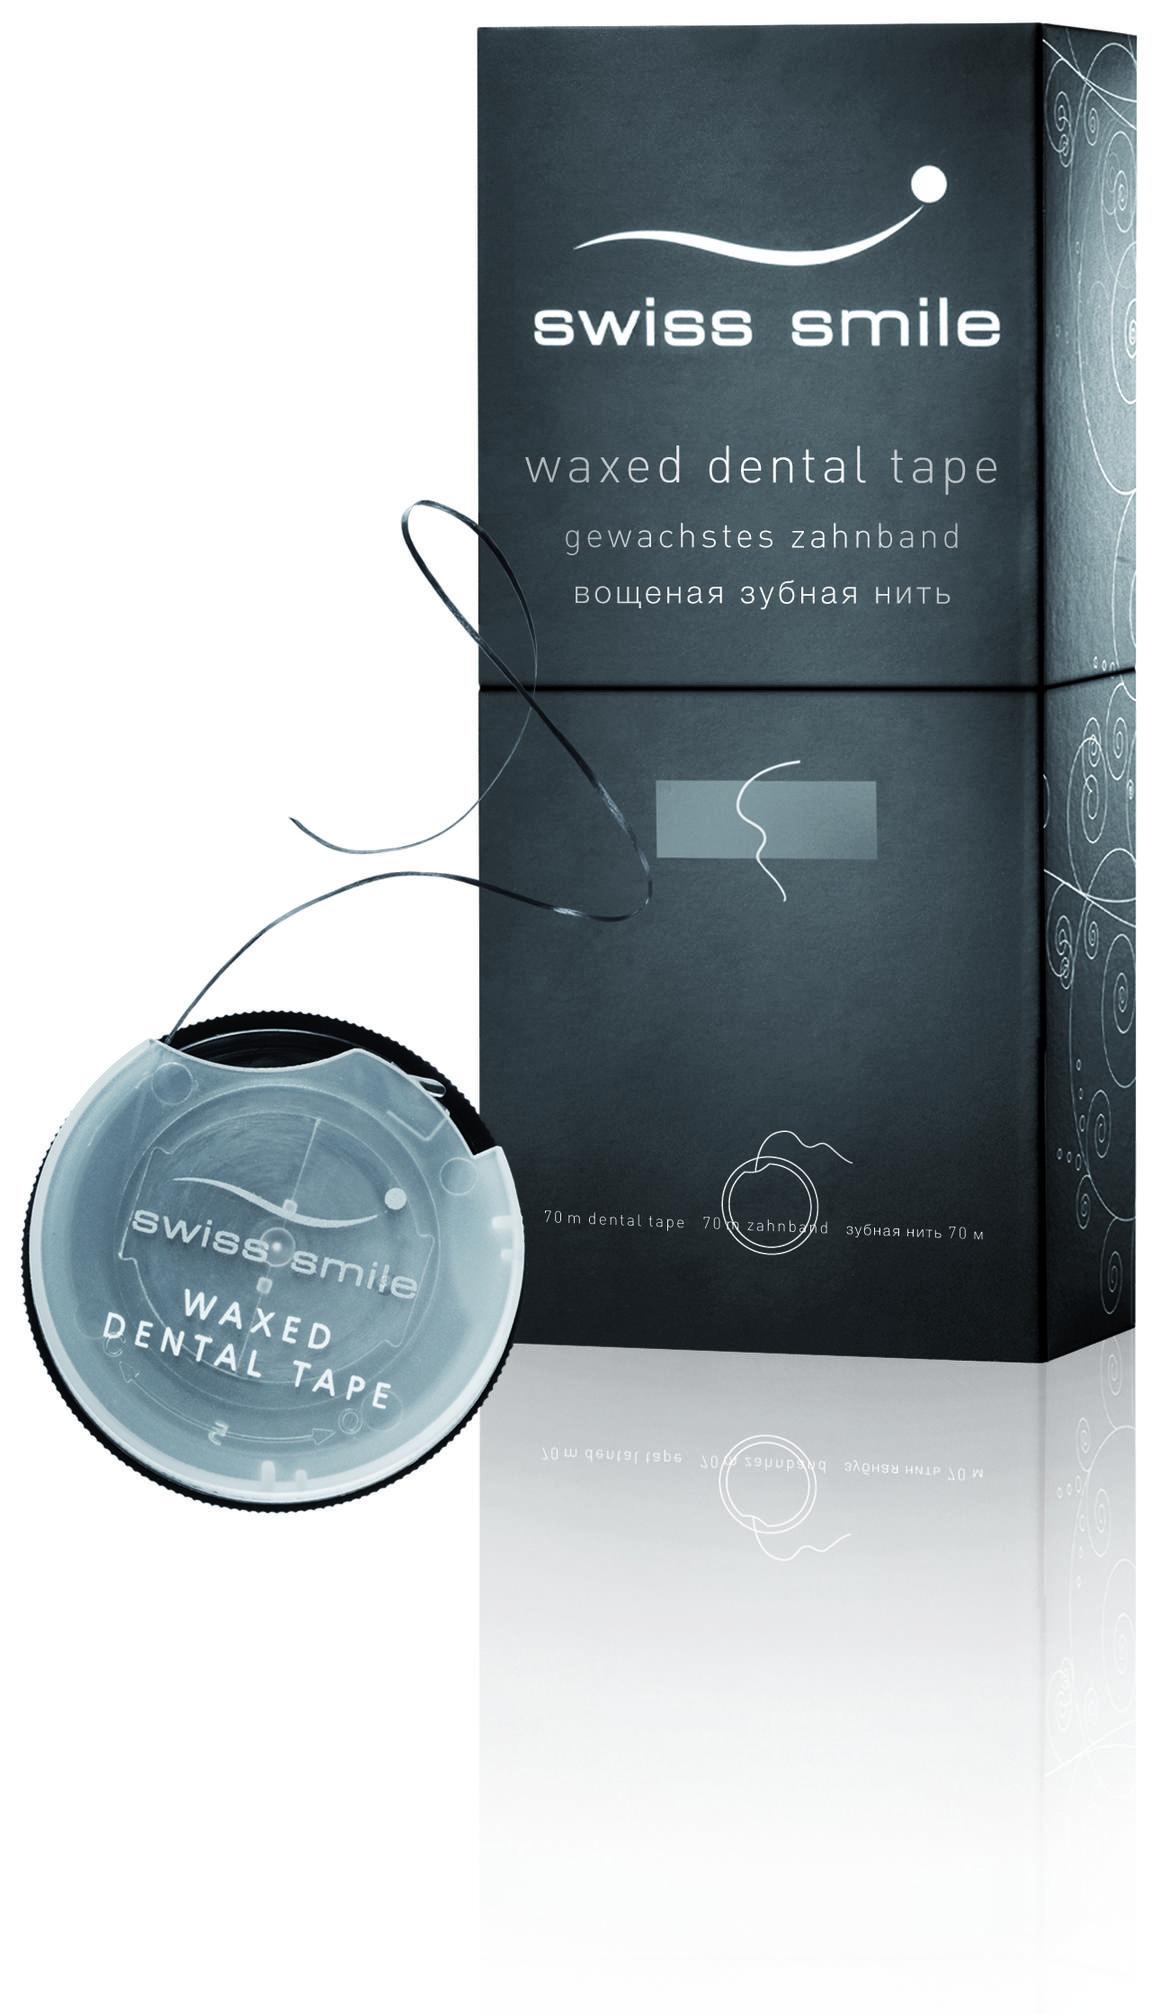 Swiss Smile Minziges gewachstes Zahnband, 70m